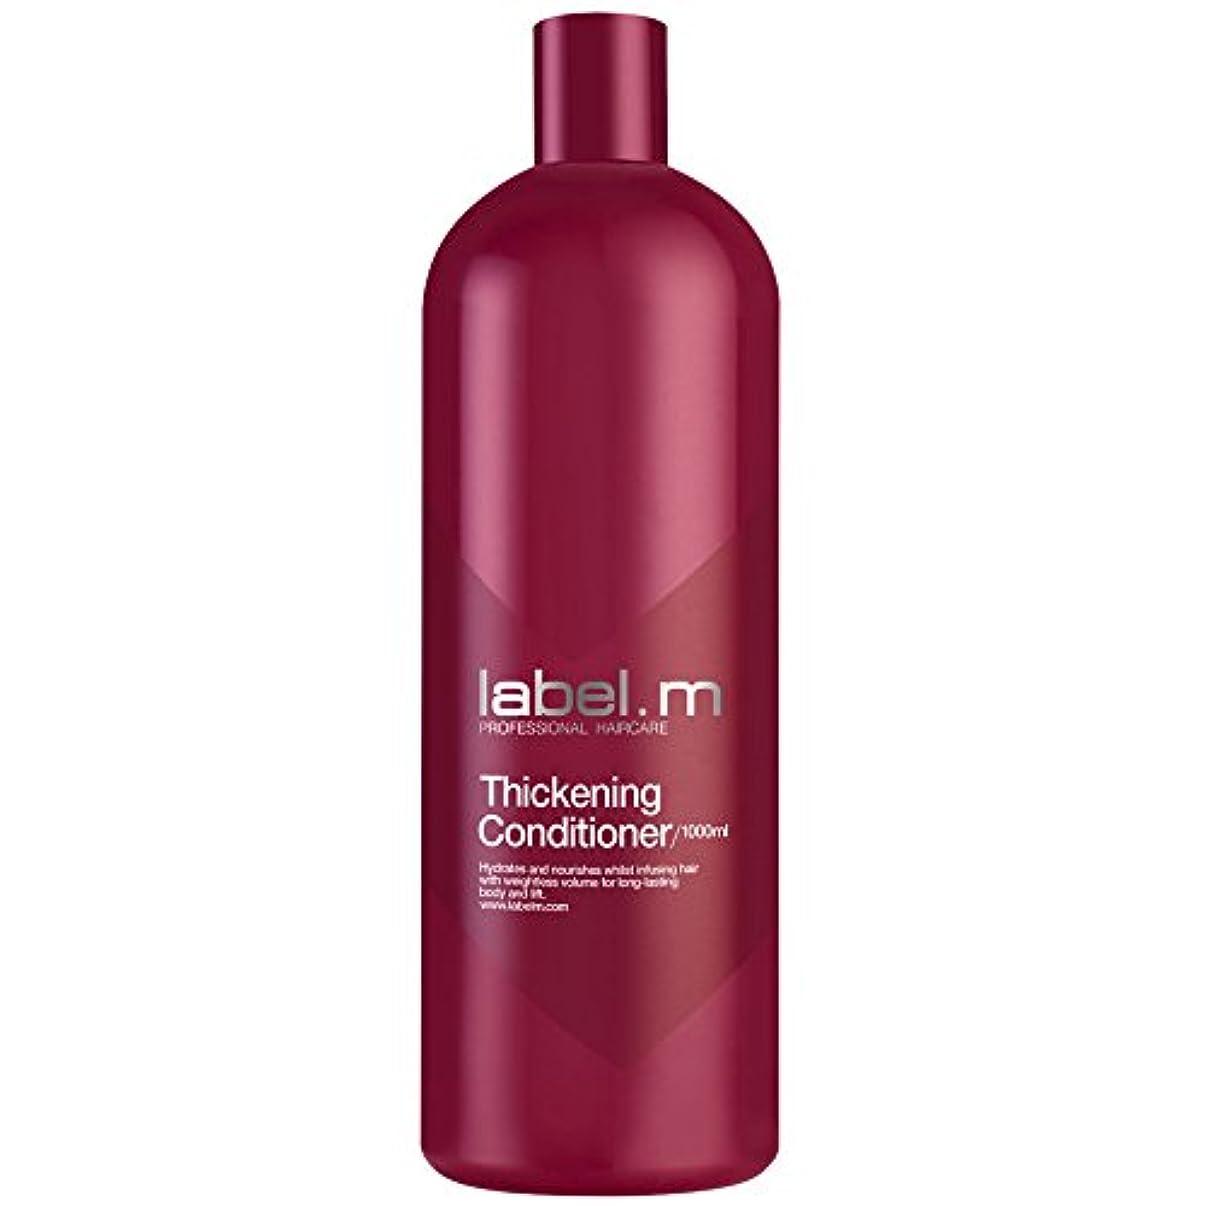 胴体ベーリング海峡義務レーベルエム シックニング コンディショナー (髪に潤いと栄養を与えて、軽やかでコシとボリュームのある髪を長時間キープします。) 1000ml